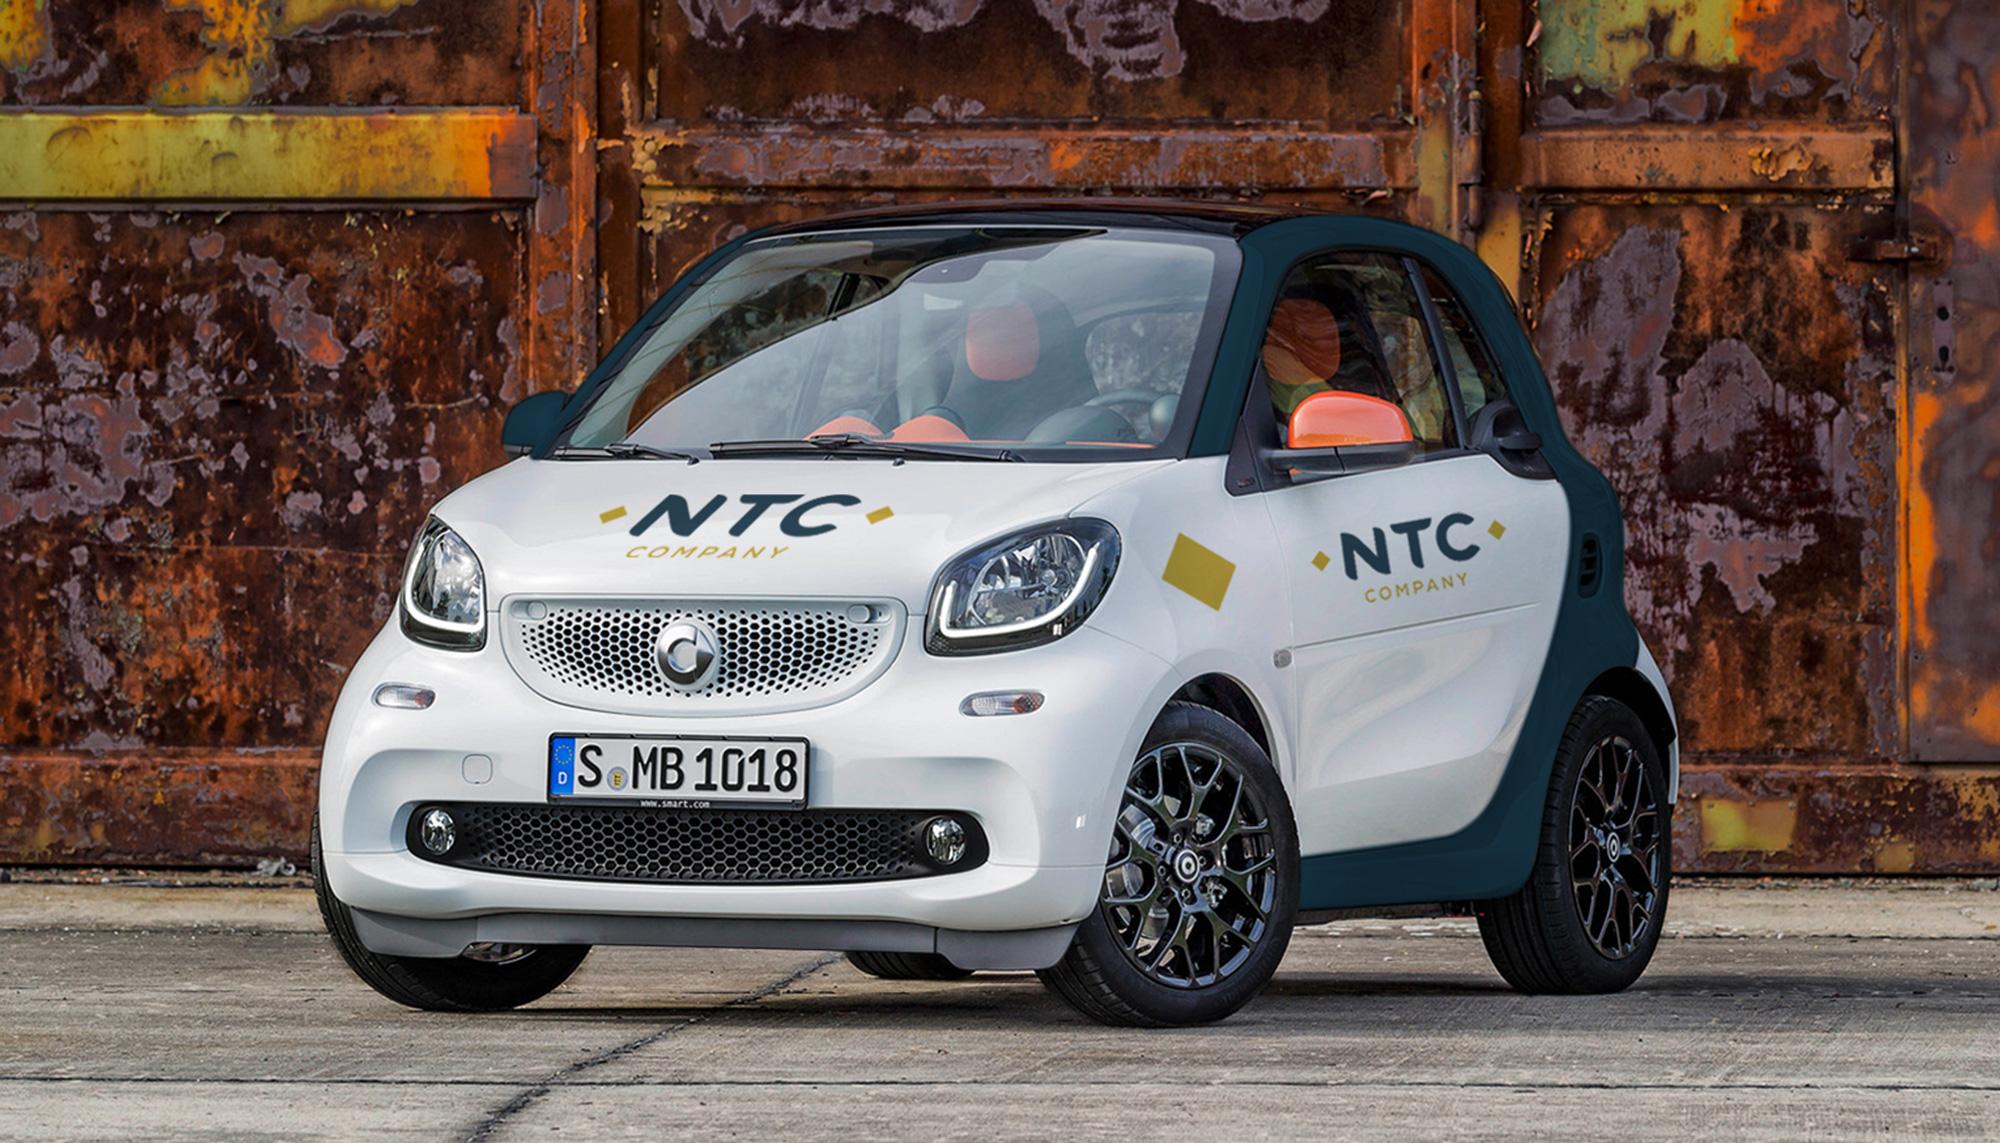 Rotulación NTC Company